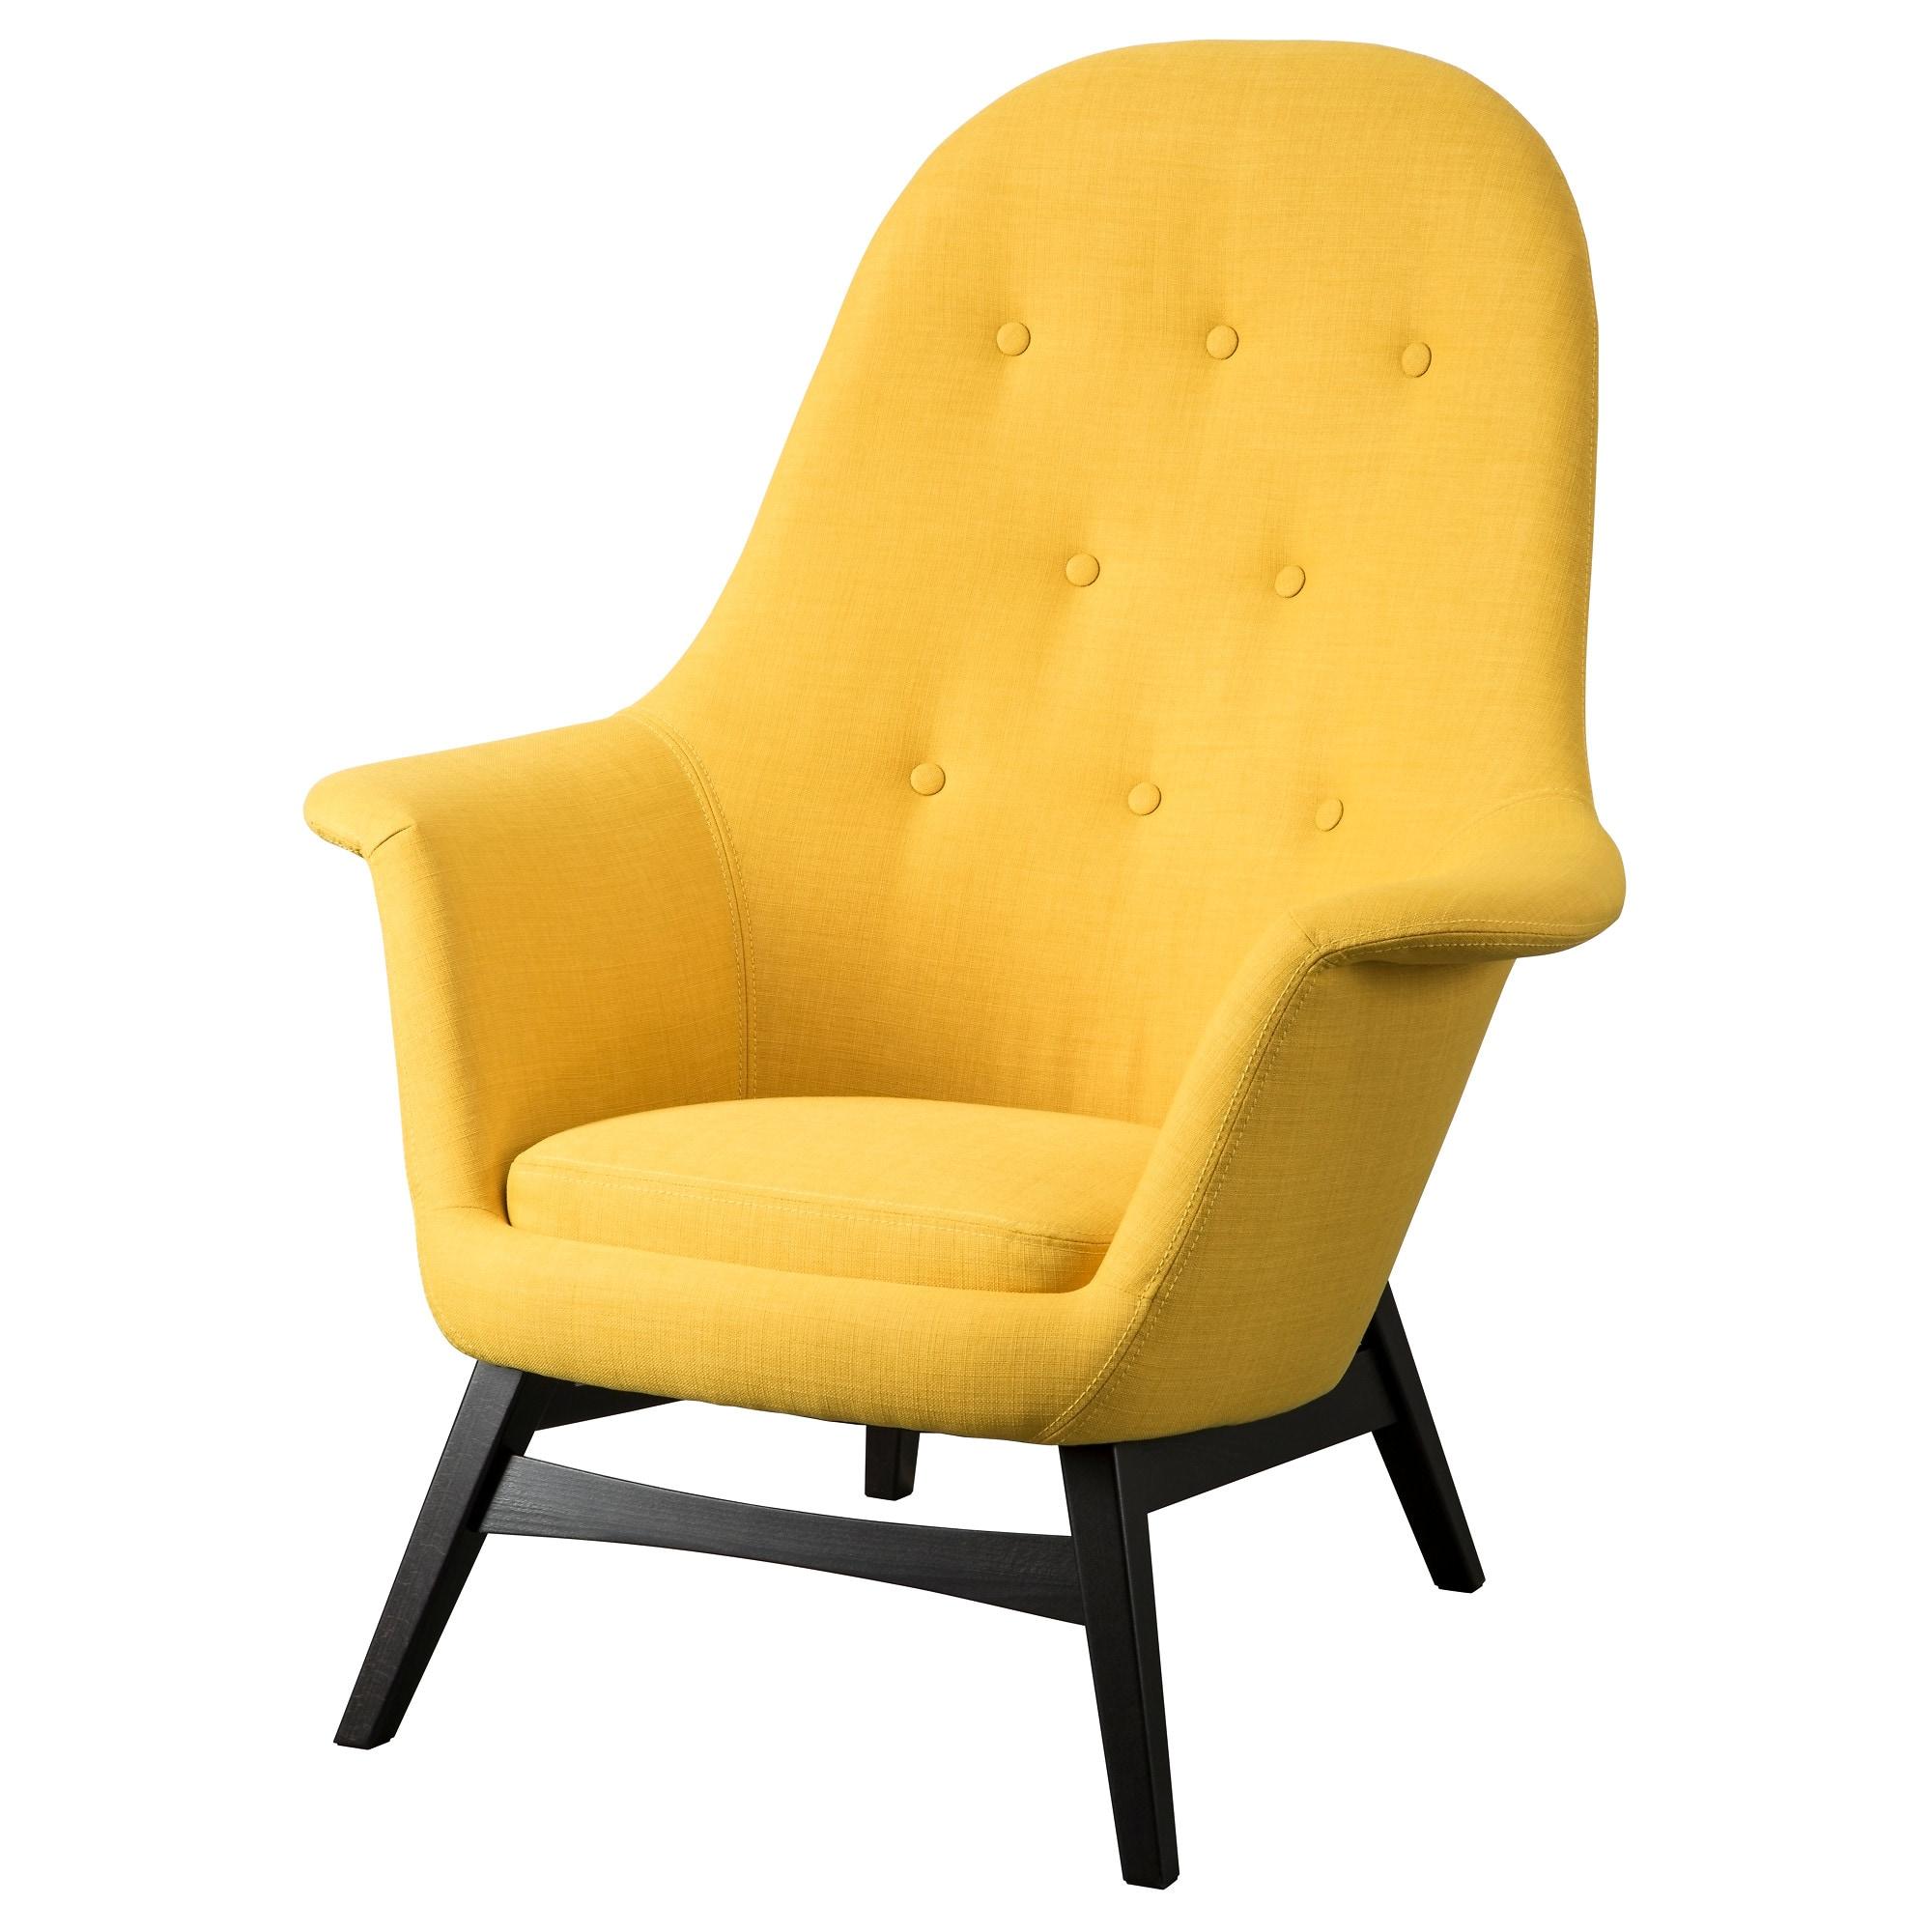 Benarp Sessel Skiftebo Gelb Sessel Sessel Gunstig Und Ikea Sessel